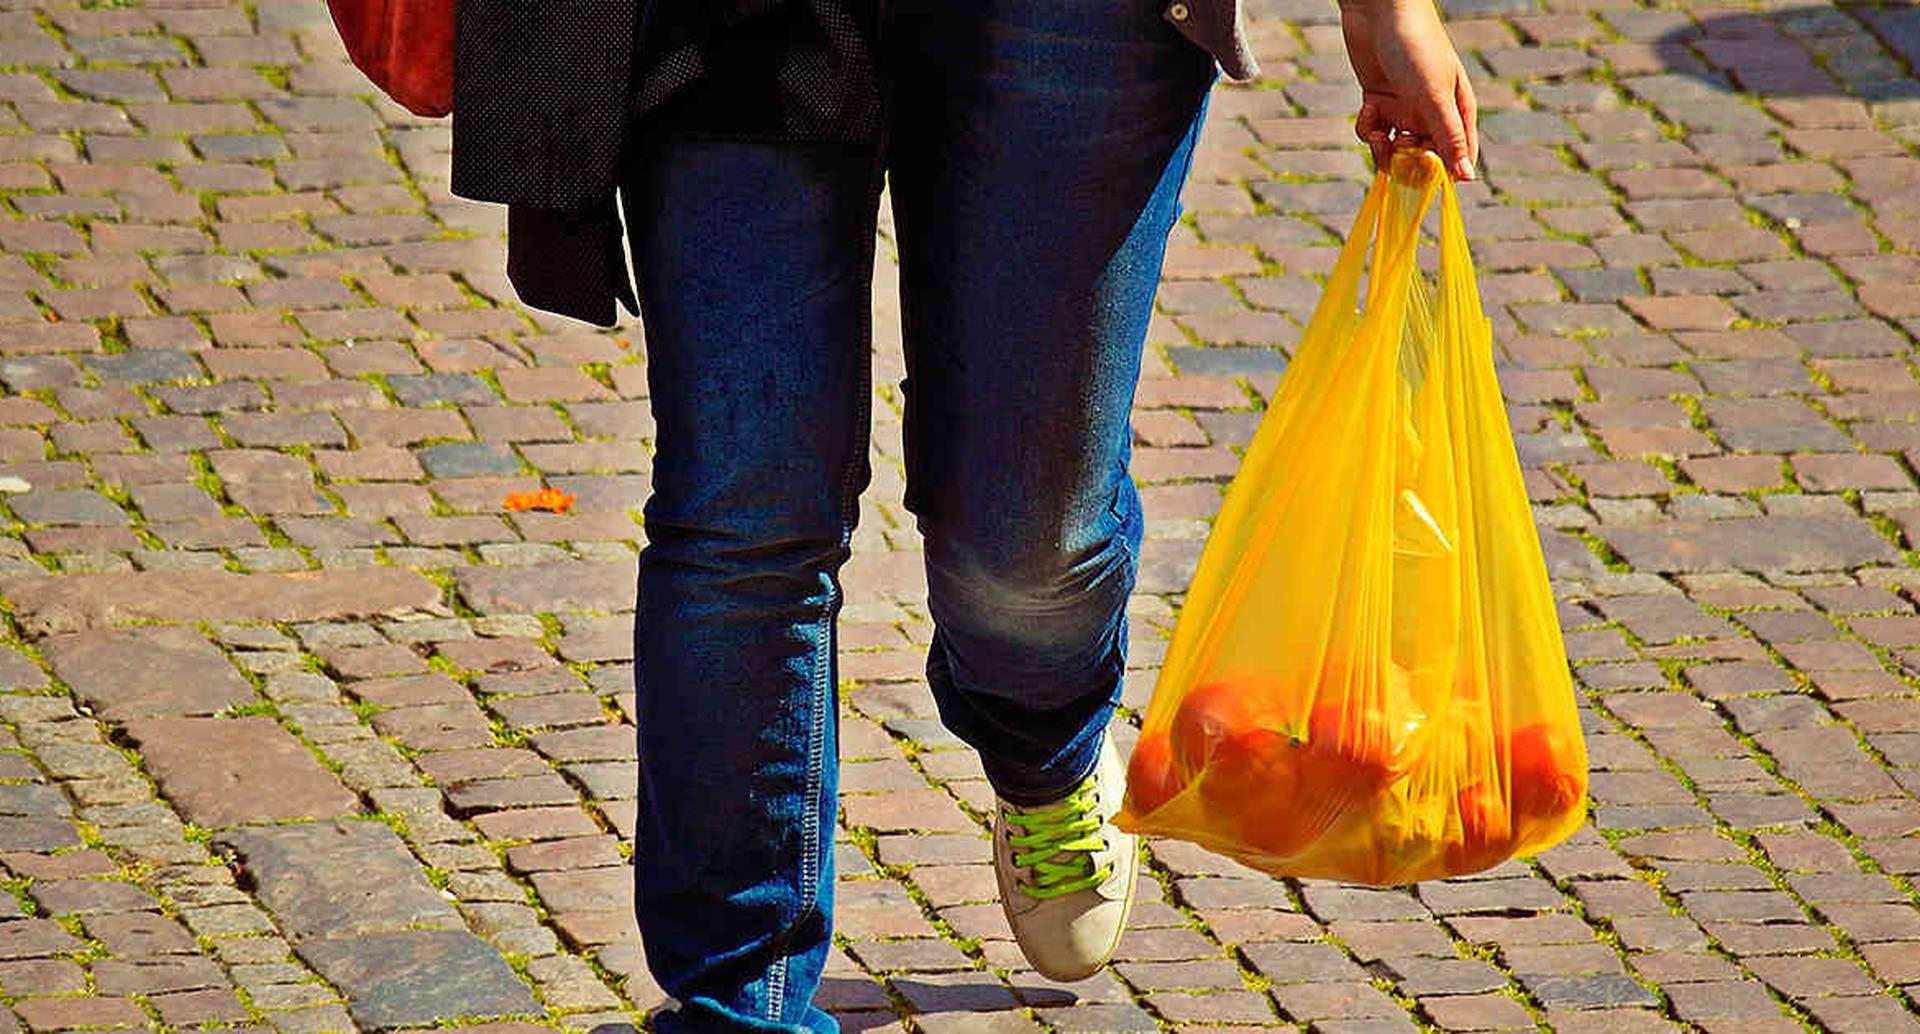 Colombia redujo un 59% el uso millones de bolsas plásticas en 2019 | Últimas noticias | ANLA. Foto: archivo/Semana.